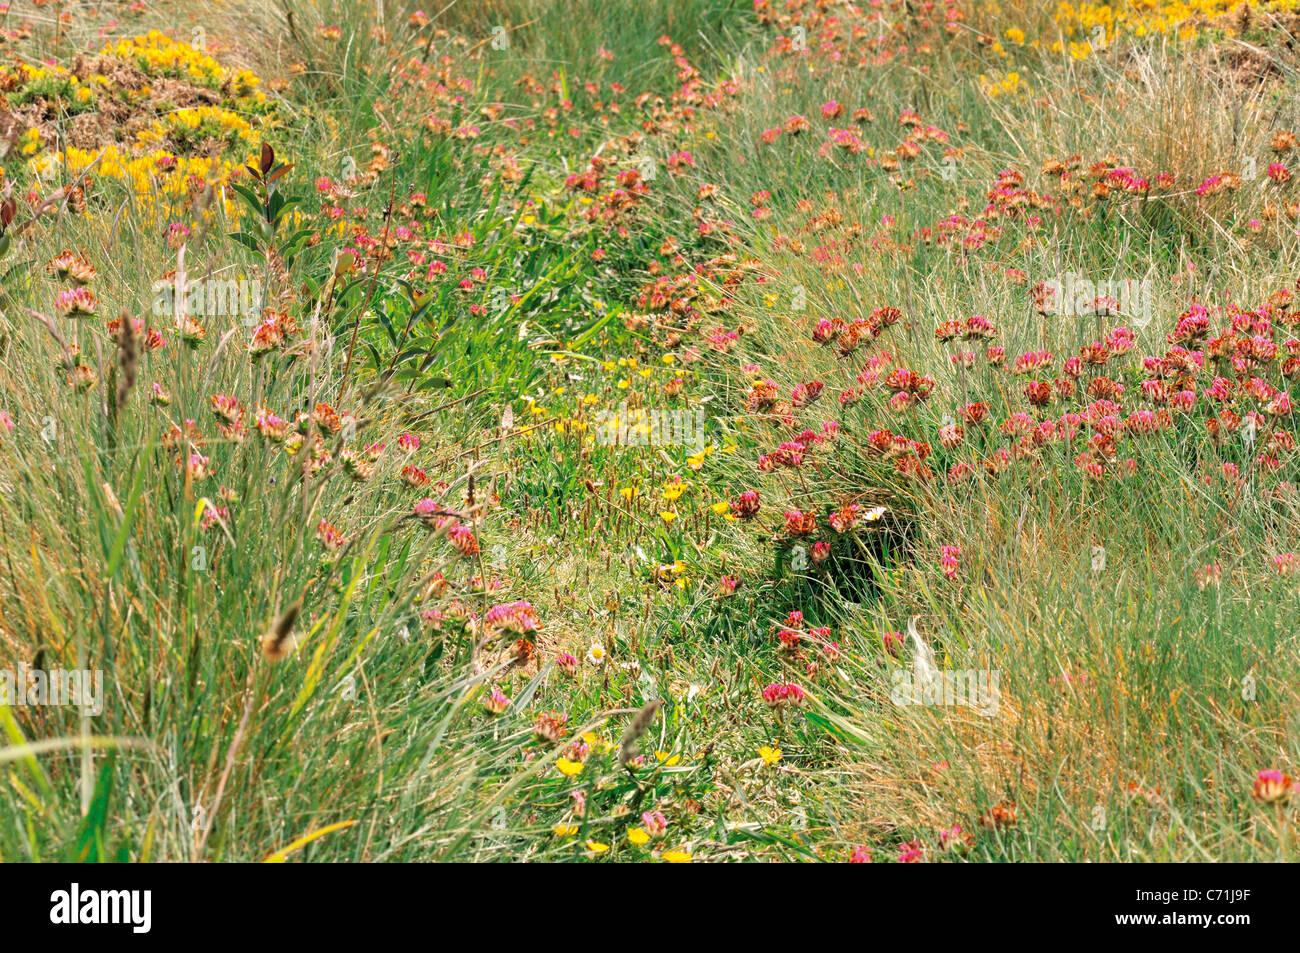 Spain, Galicia: coastal vegetation around beach Praia As Catedrais - Stock Image